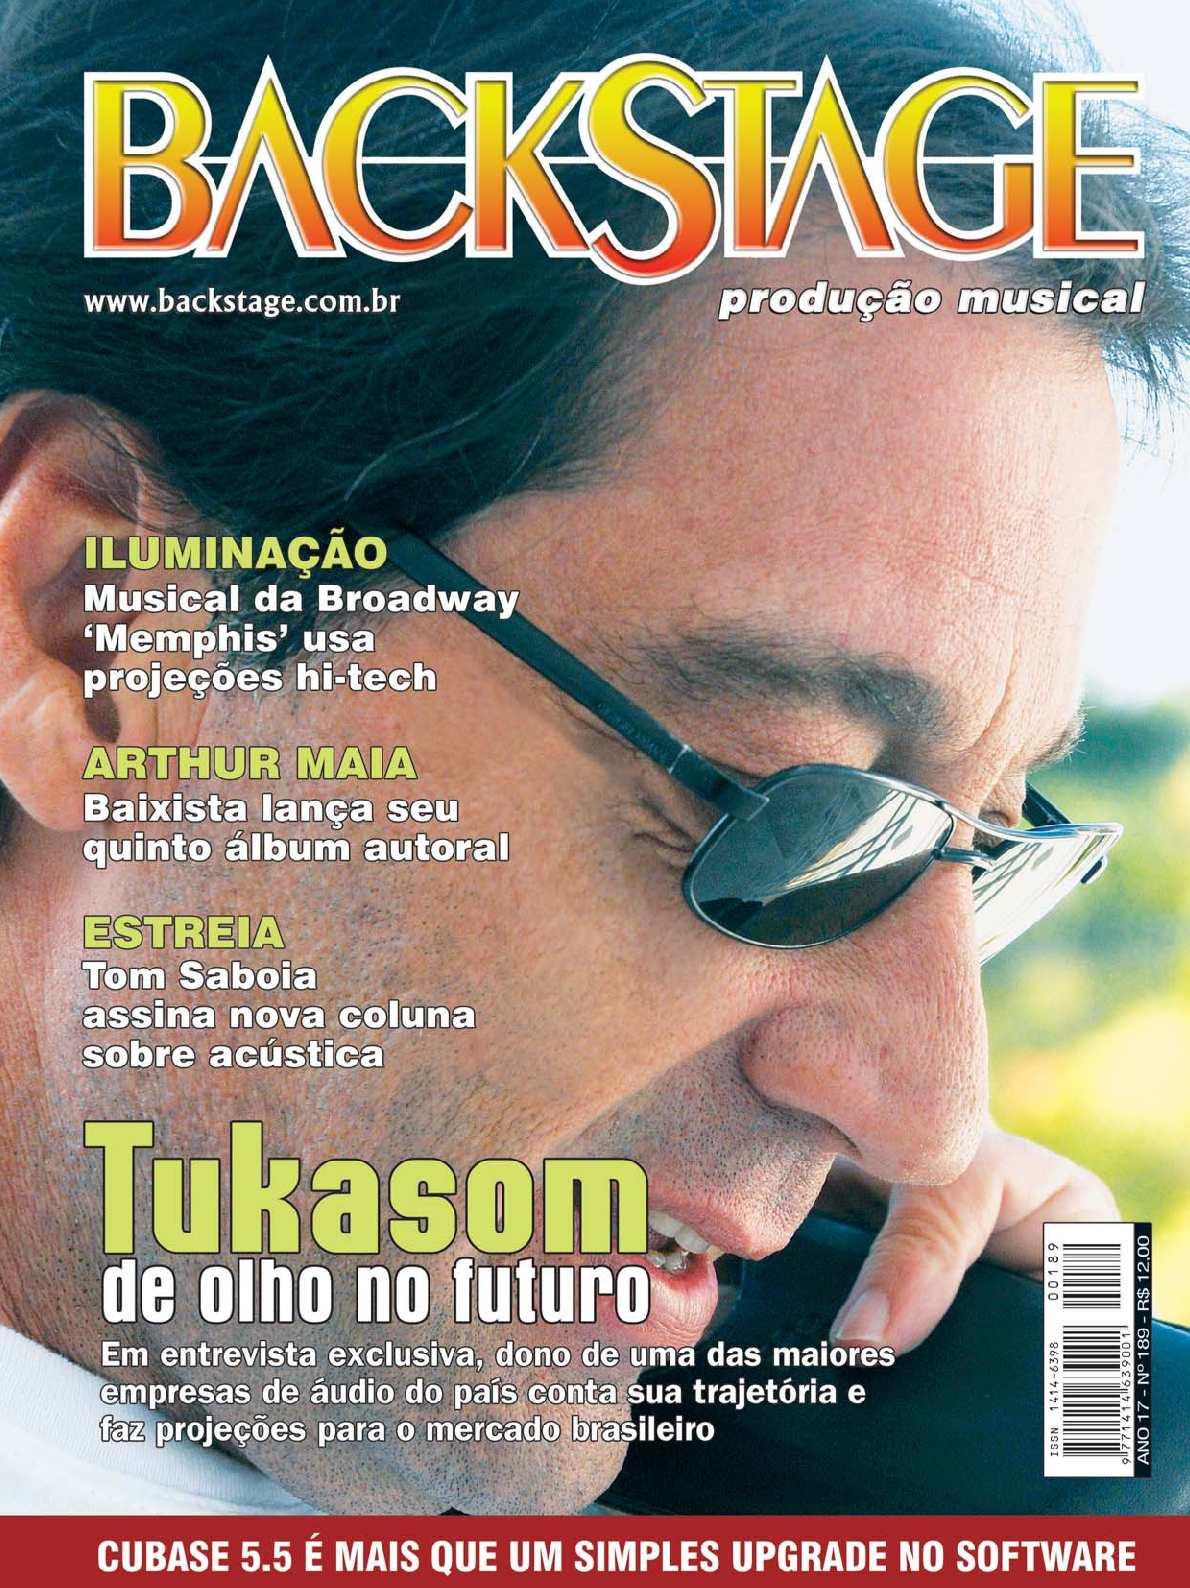 Calaméo - Revista Backstage Edição 189 - Agosto 2010 957c74f36f